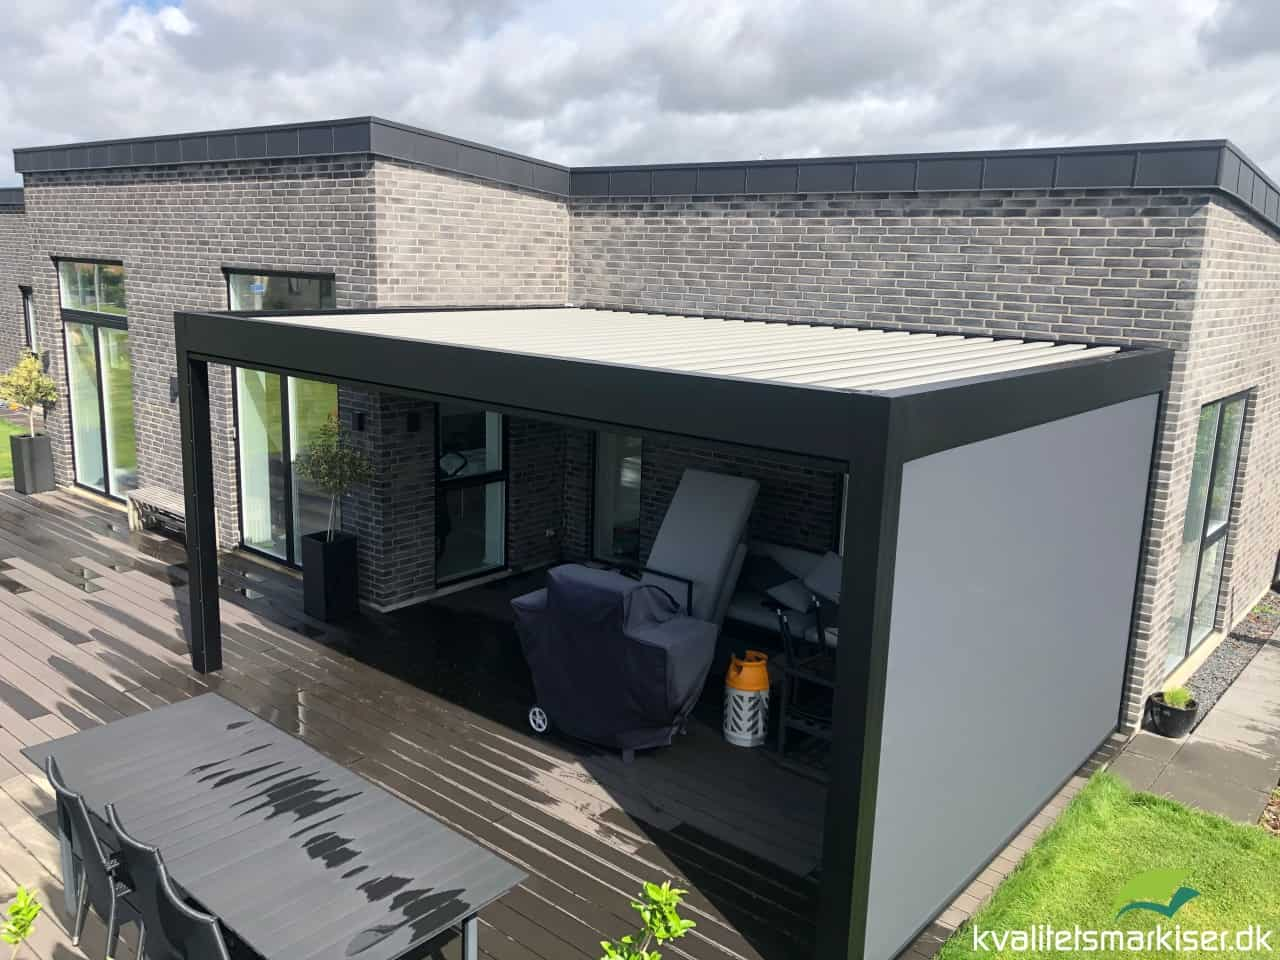 Renson Camargue lameltag til hus med ensidig taghældning i Galten, Jylland